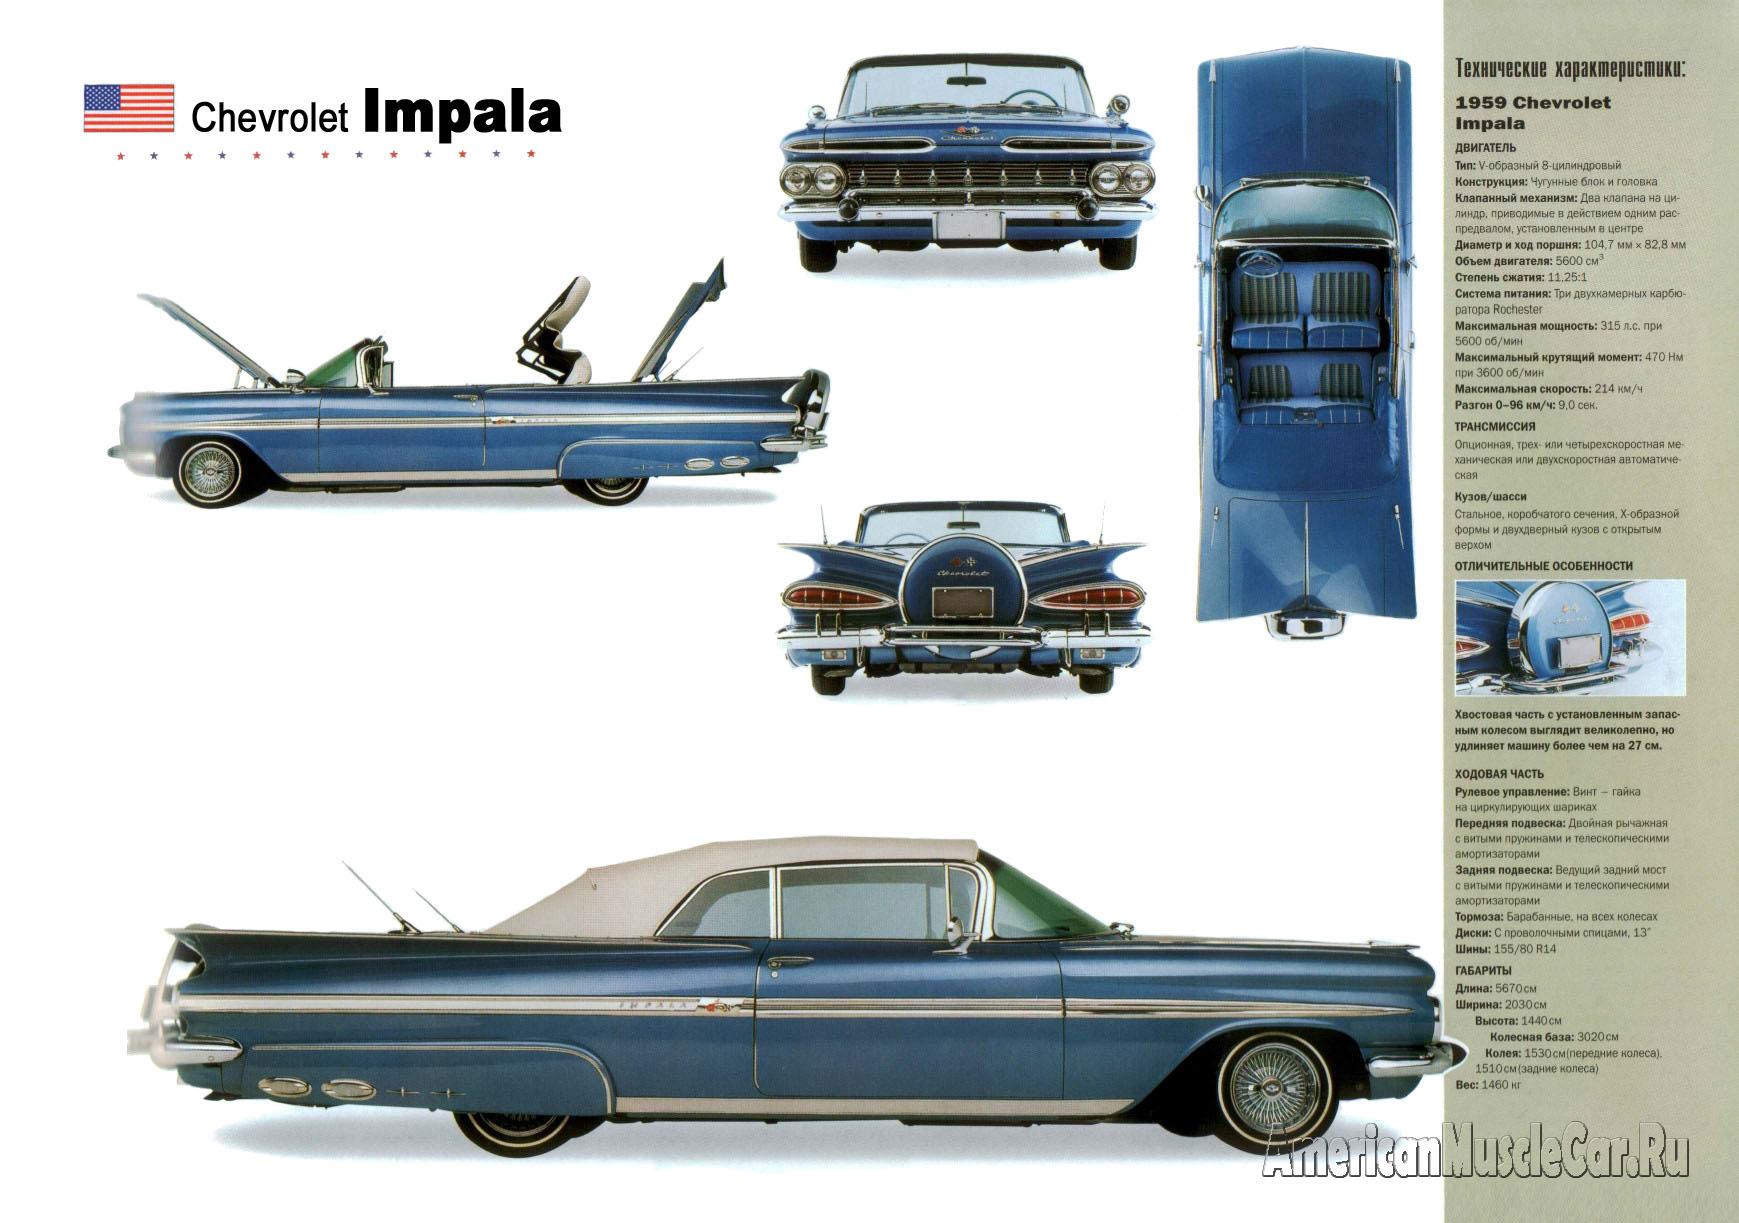 impala marketing history 1994 chevrolet impala ss (brochure) 1995 chevrolet corvette 1995 chevrolet impala ss 1995 chevrolet corvette (brochure) 1995 chevrolet lumina van (brochure.